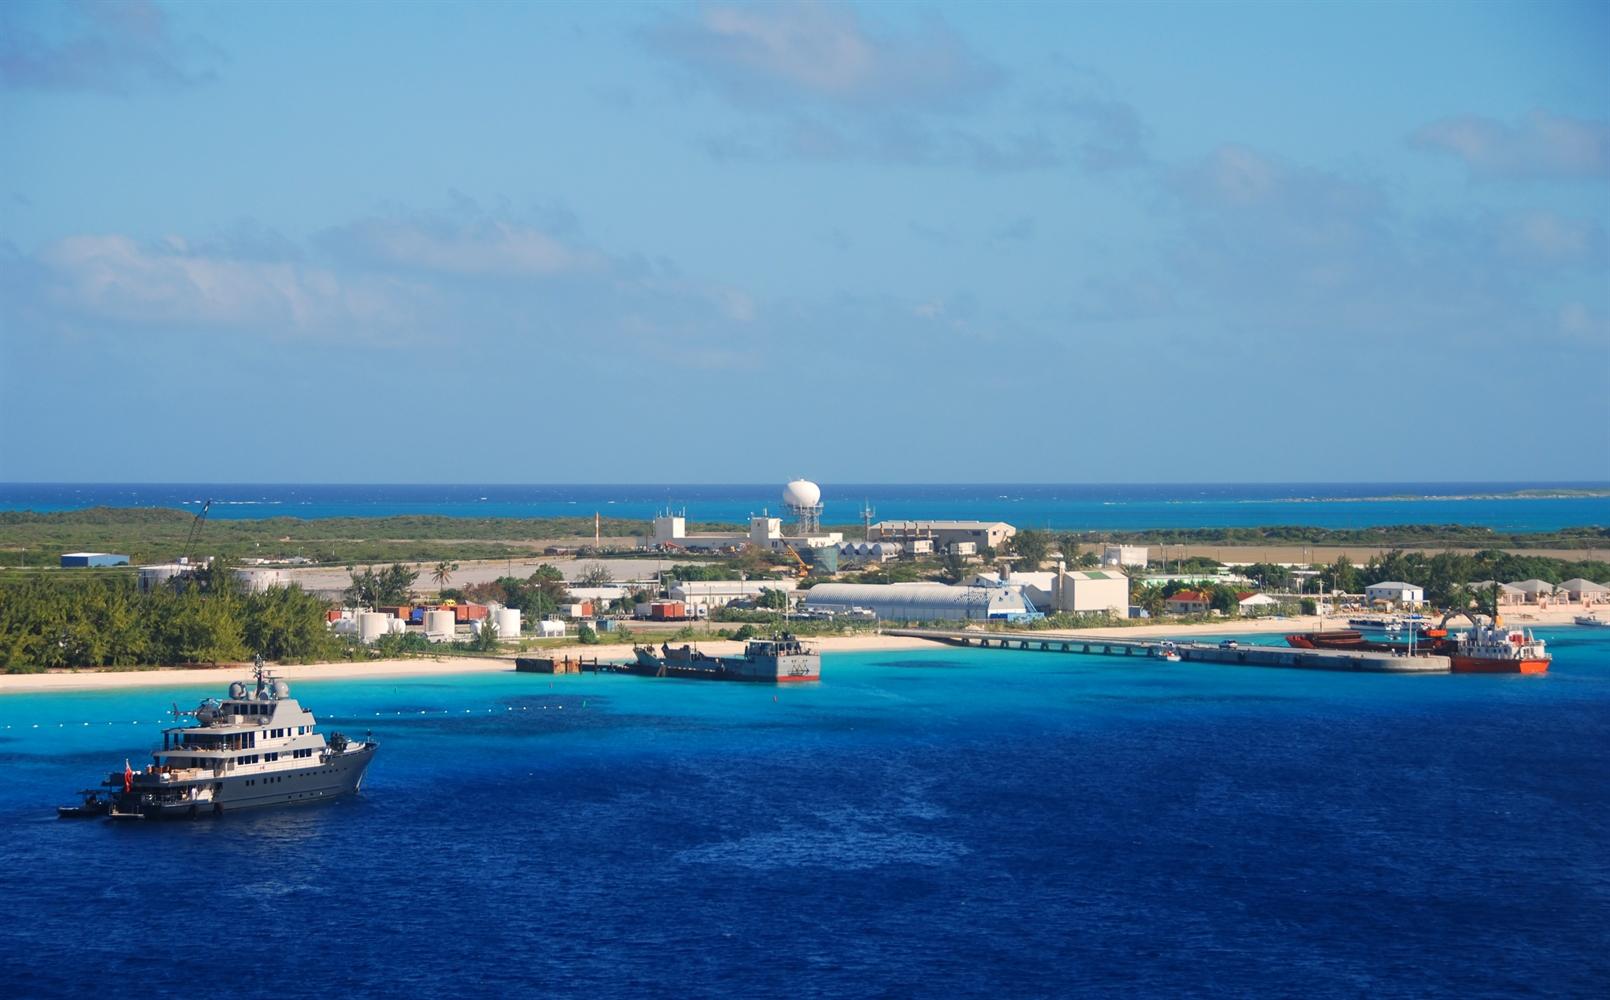 Turks & Caicos Port